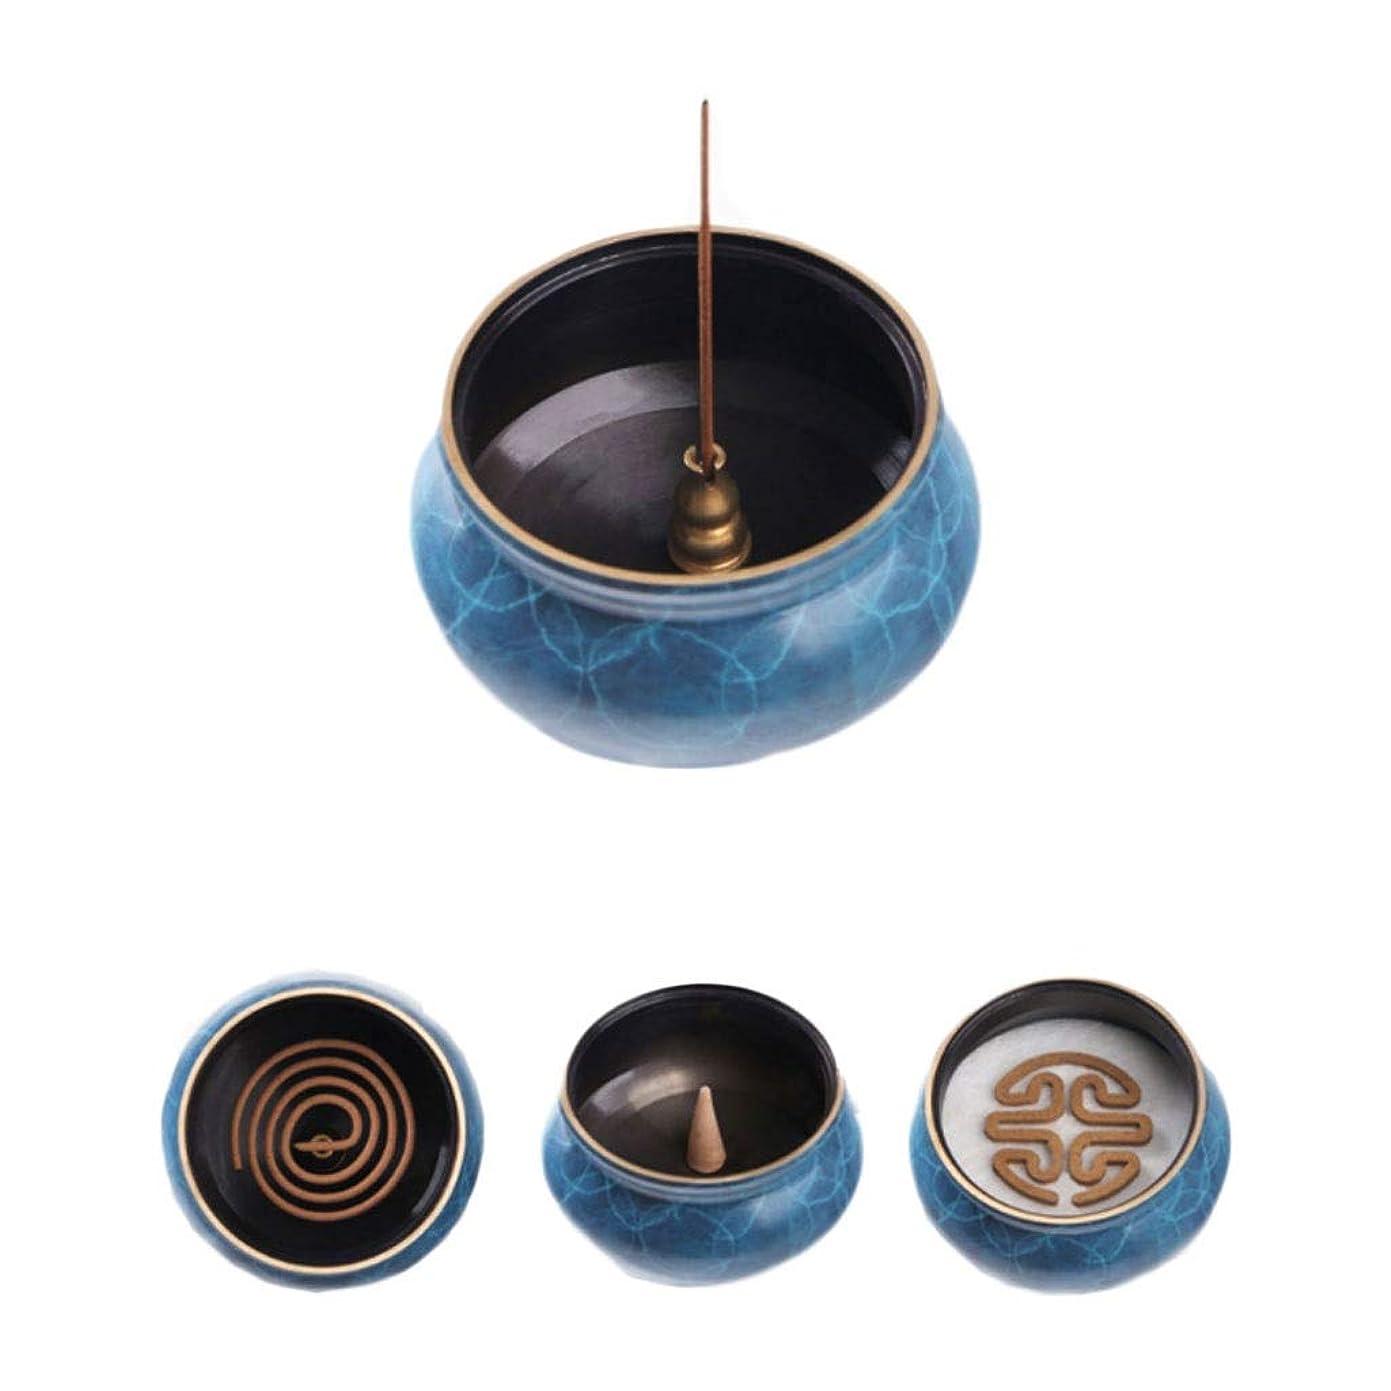 パーティー巧みな病んでいるホームアロマバーナー 純粋な銅香炉ホームアンティーク白檀用仏寒天香炉香り装飾アロマセラピー炉 アロマバーナー (Color : Blue copper)